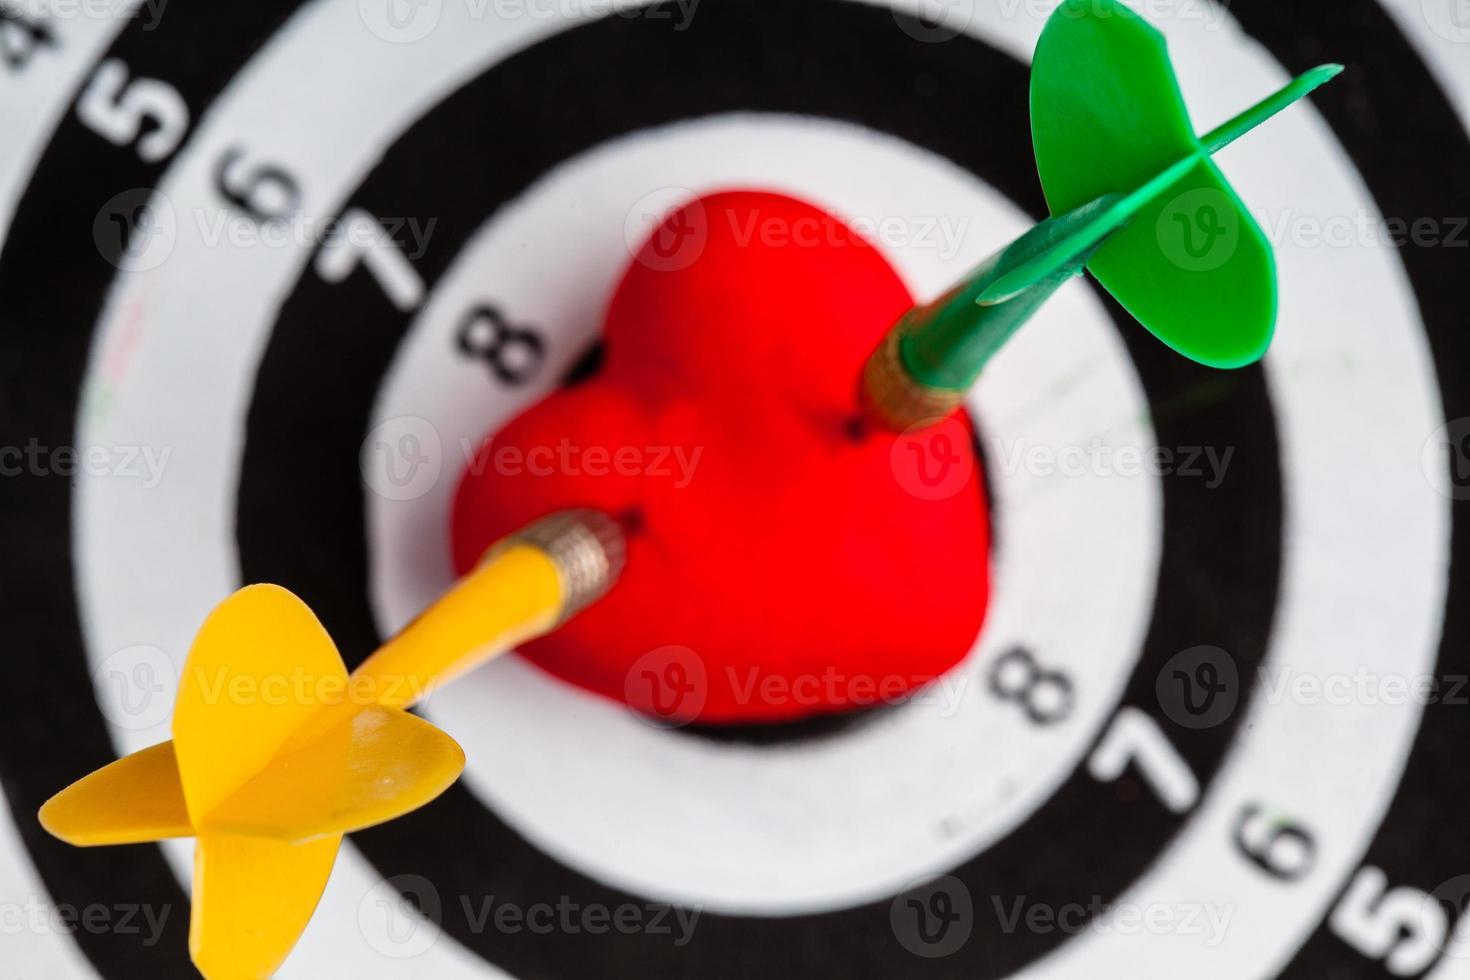 bersaglio bianco nero con freccette nel cuore amore come bullseye foto